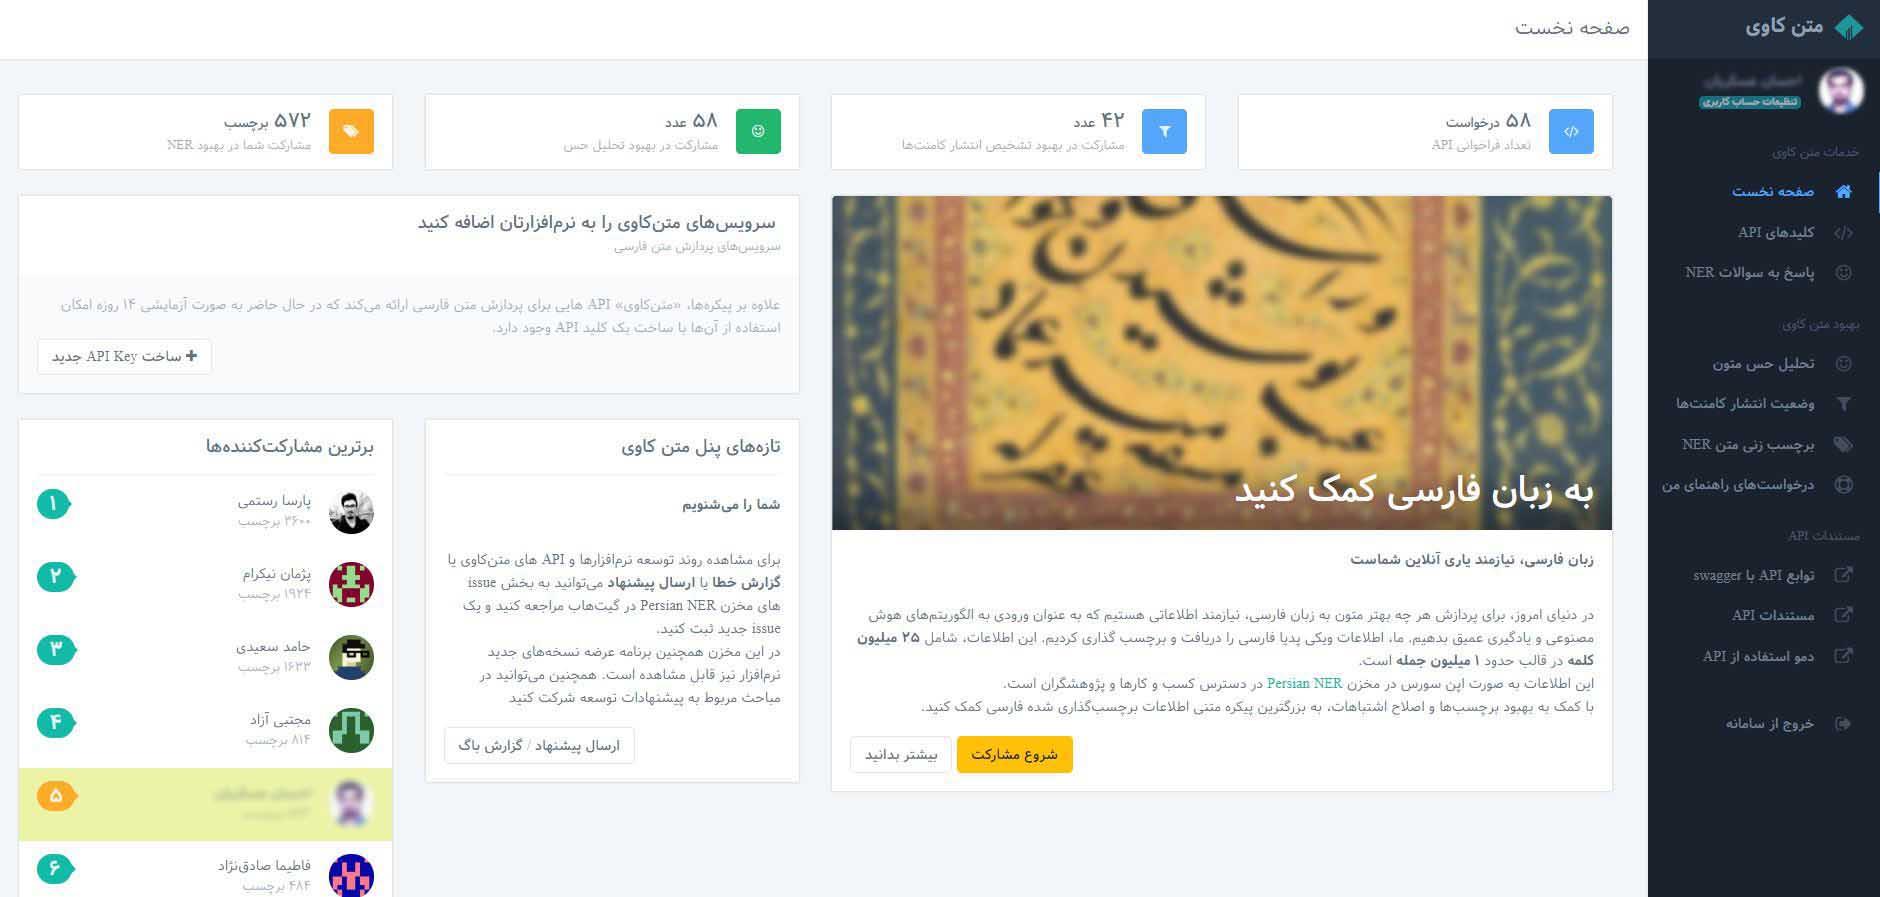 فراخوان مشارکت عمومی برای کمک به زبان فارسی